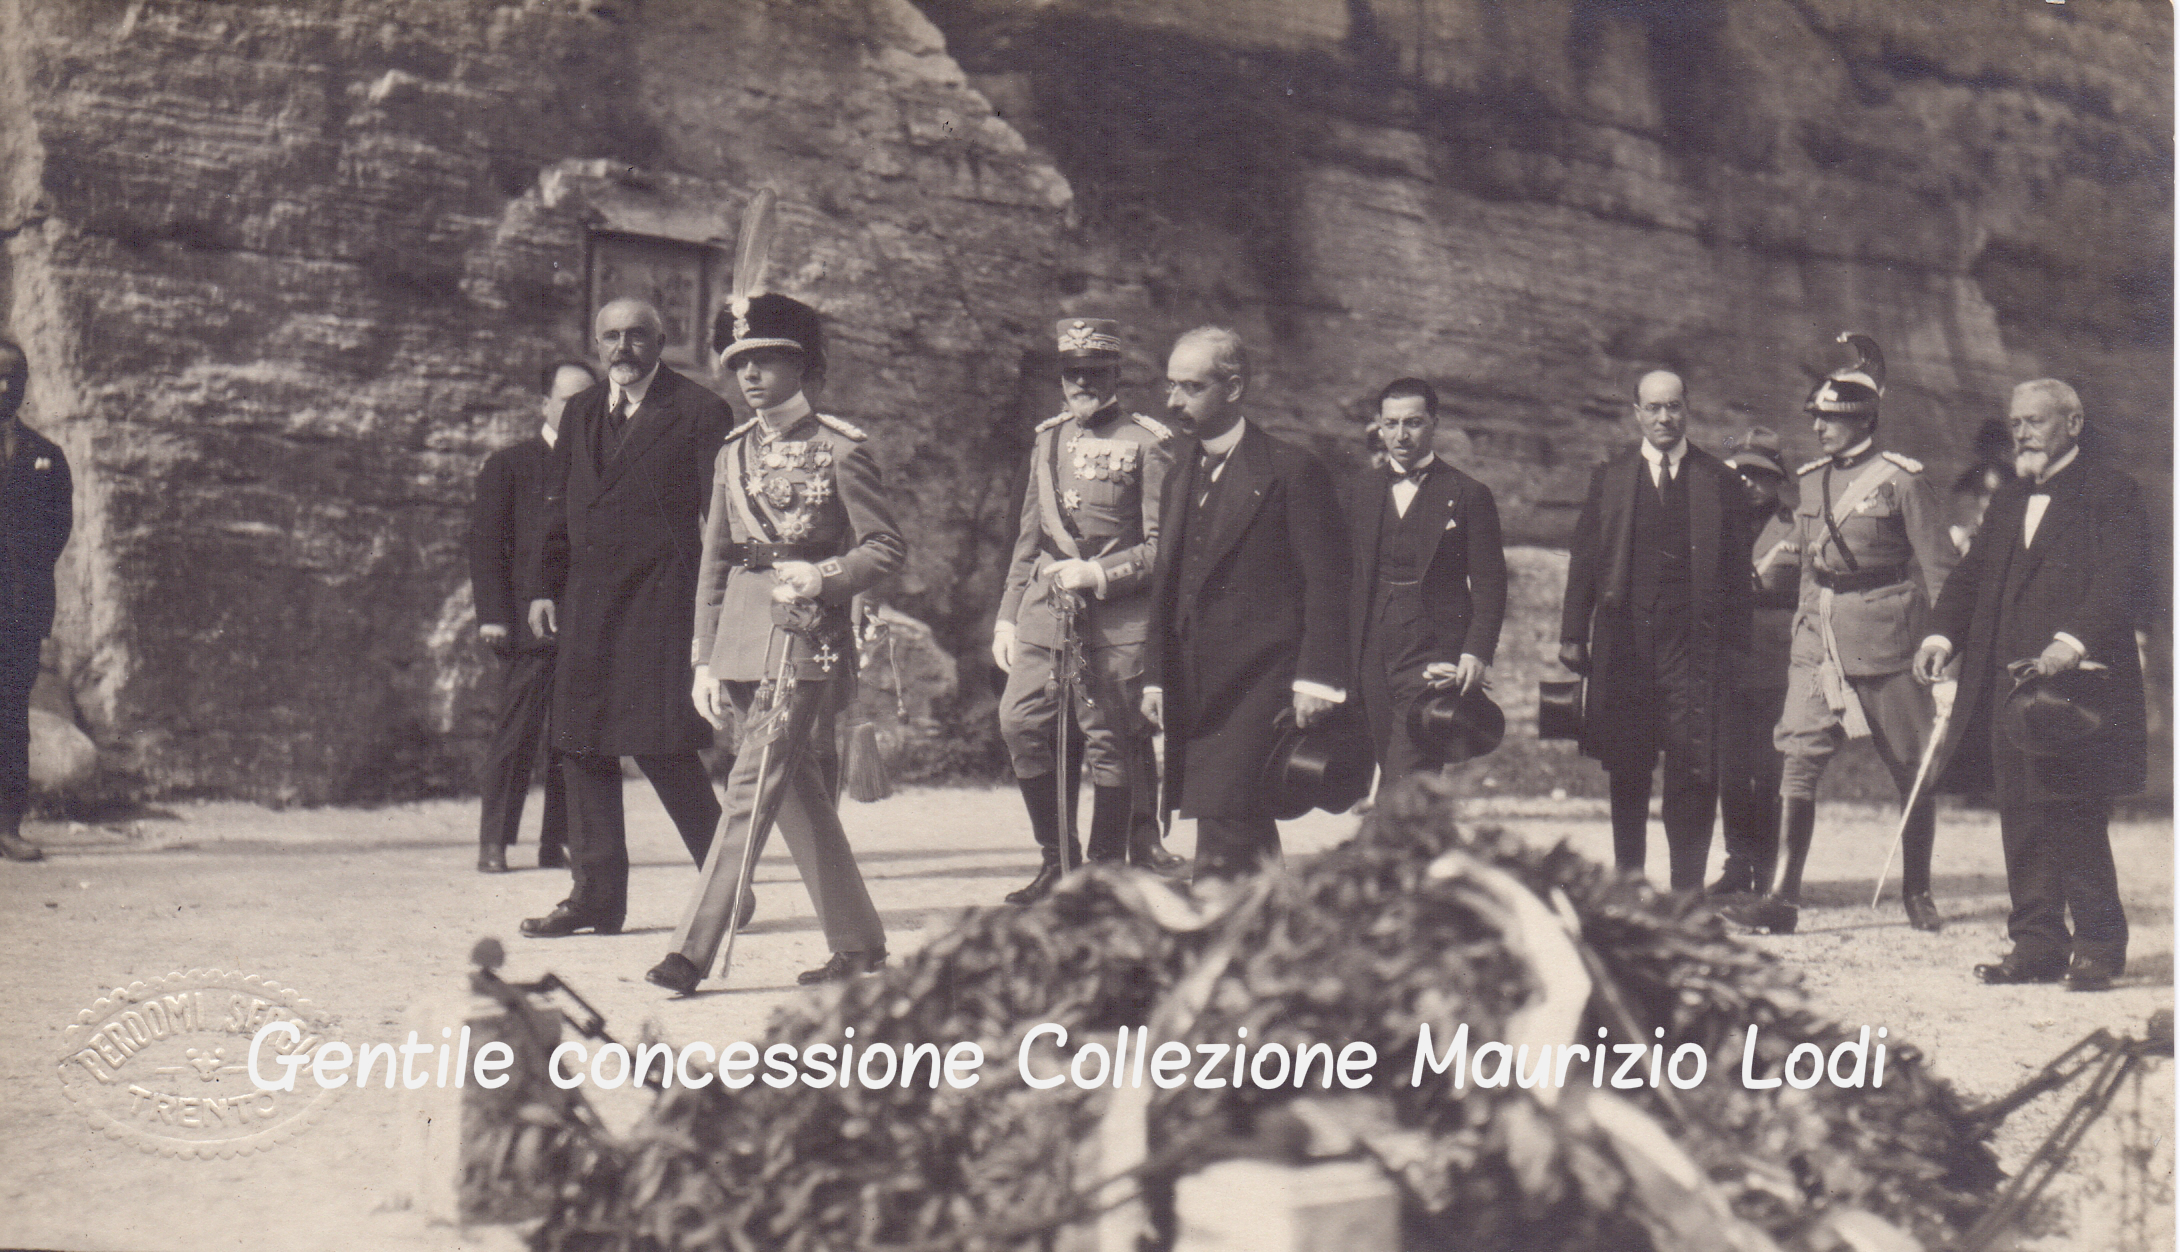 Trento 28 settembre 1923 Pellegrinaggio di S.A.R. Adalberto di Savoia Duca di Bergamo alla Fossa dei Martiri.jpg